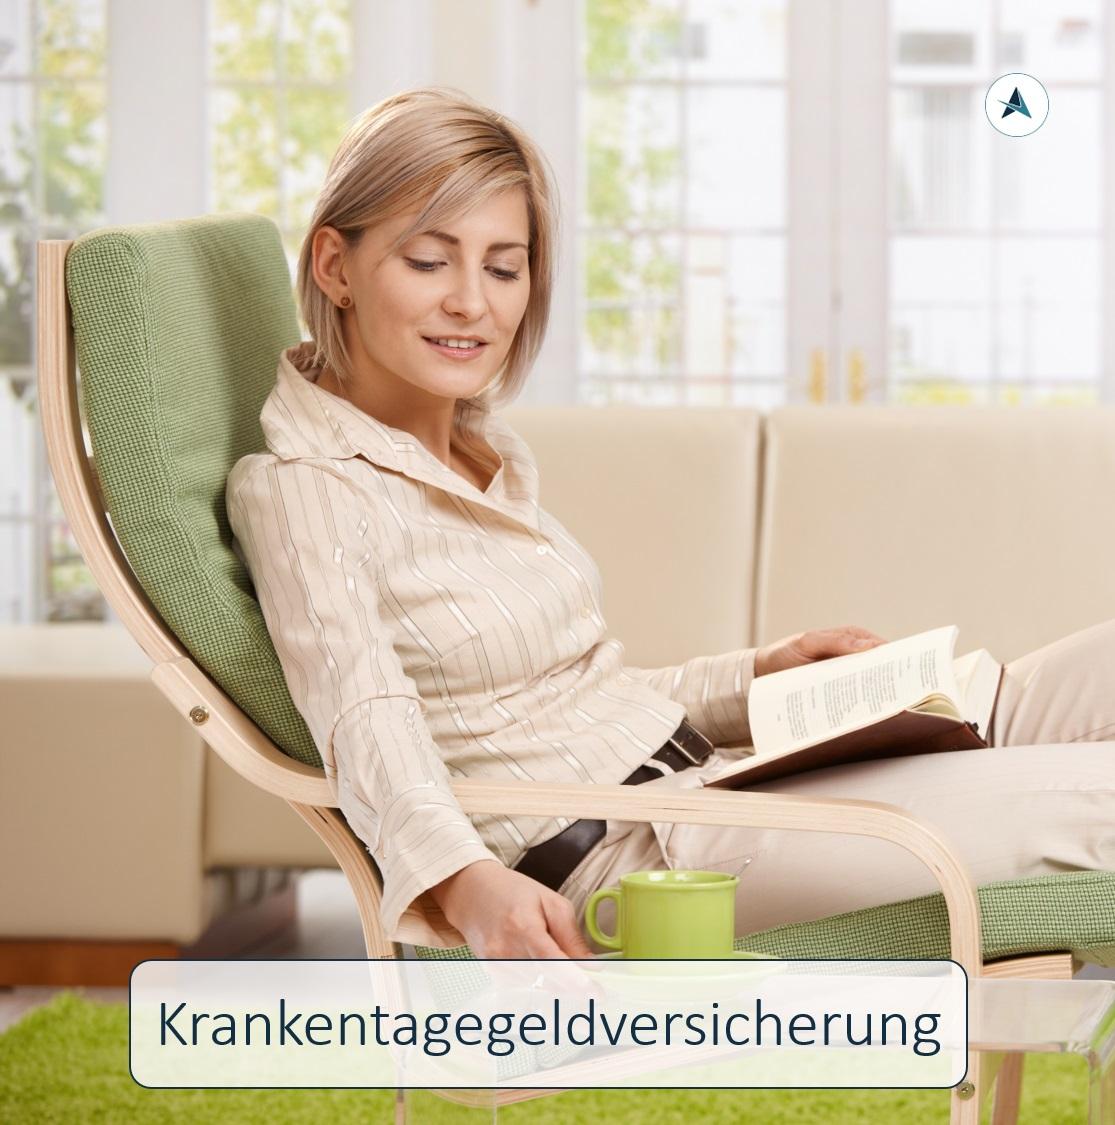 Versicherungsmakler-Berlin-Kaulsdorf-Tagegeldversicherung-Krankentagegeldversicherung-André-Böttcher-Krankentagegeld-Verdienstausfall